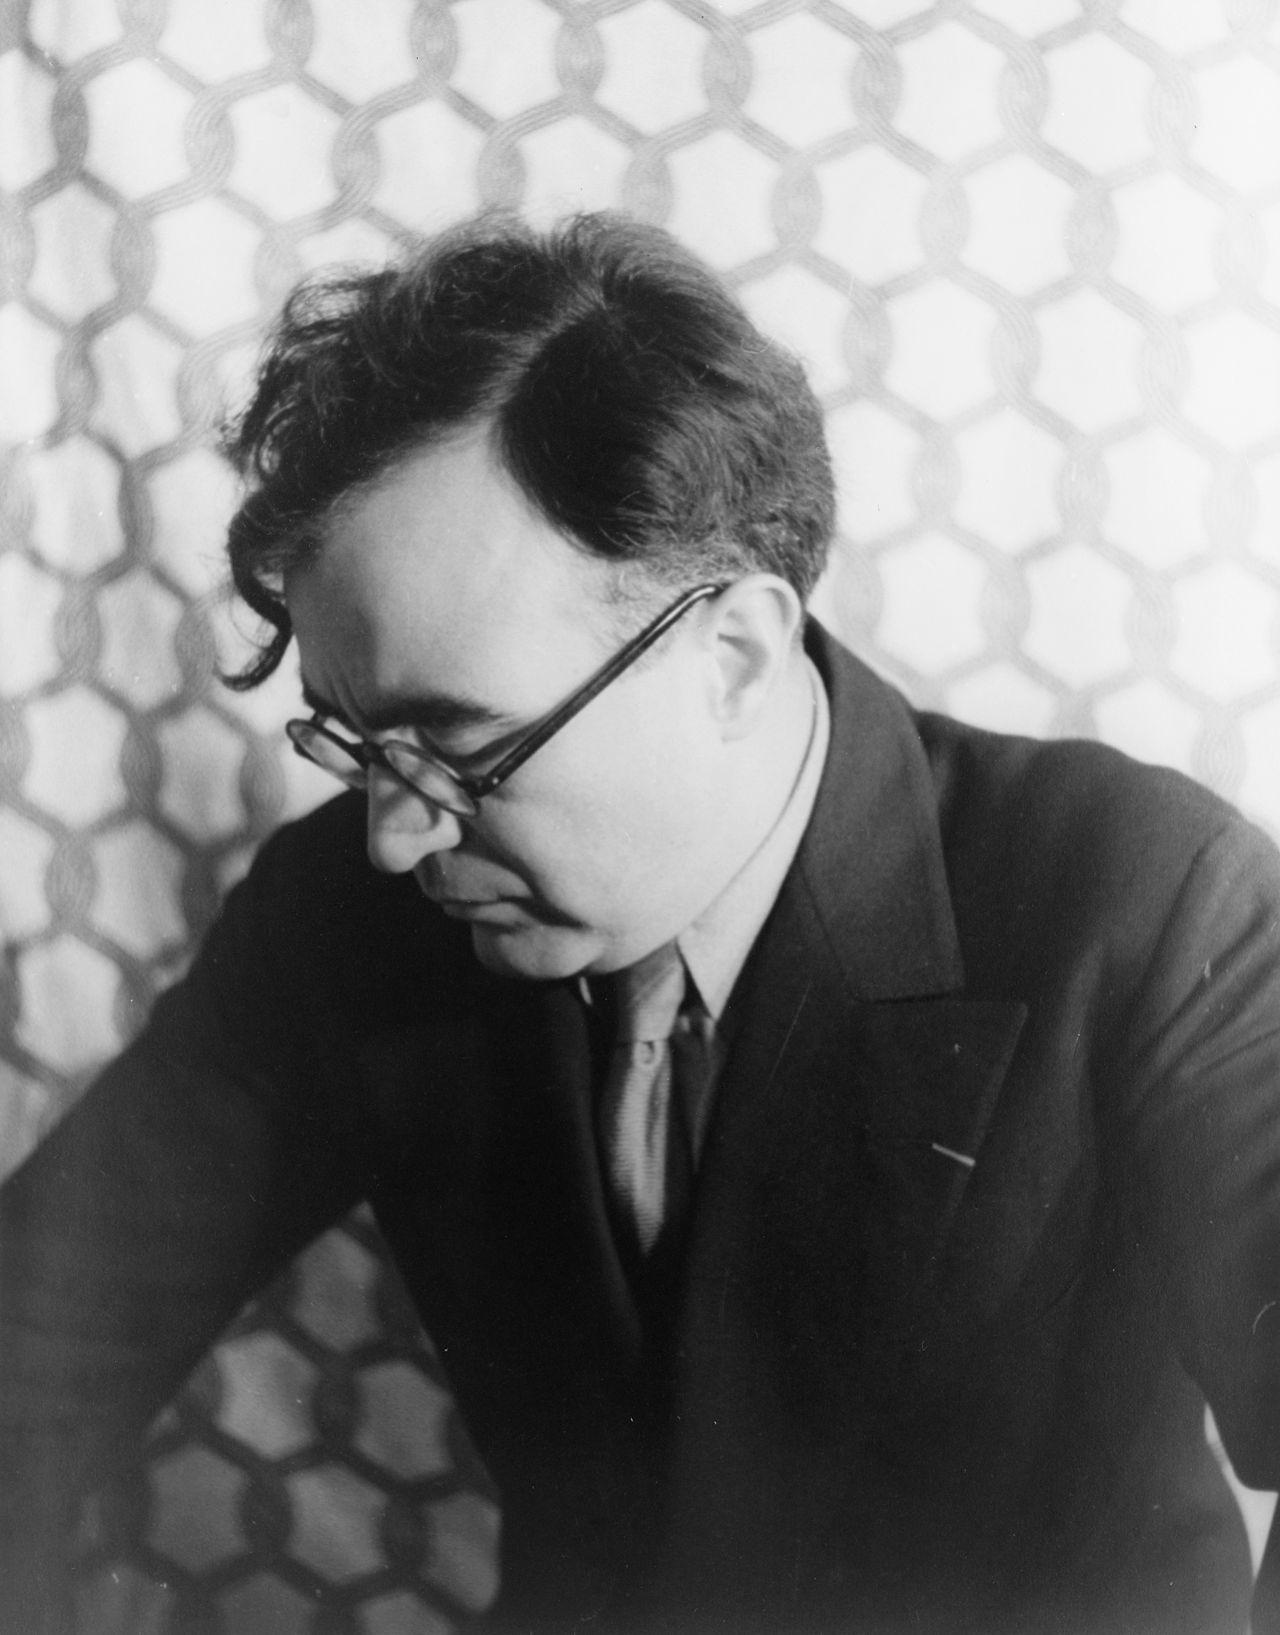 Carlos Chávez in 1937, photographed by Carl von Vechten